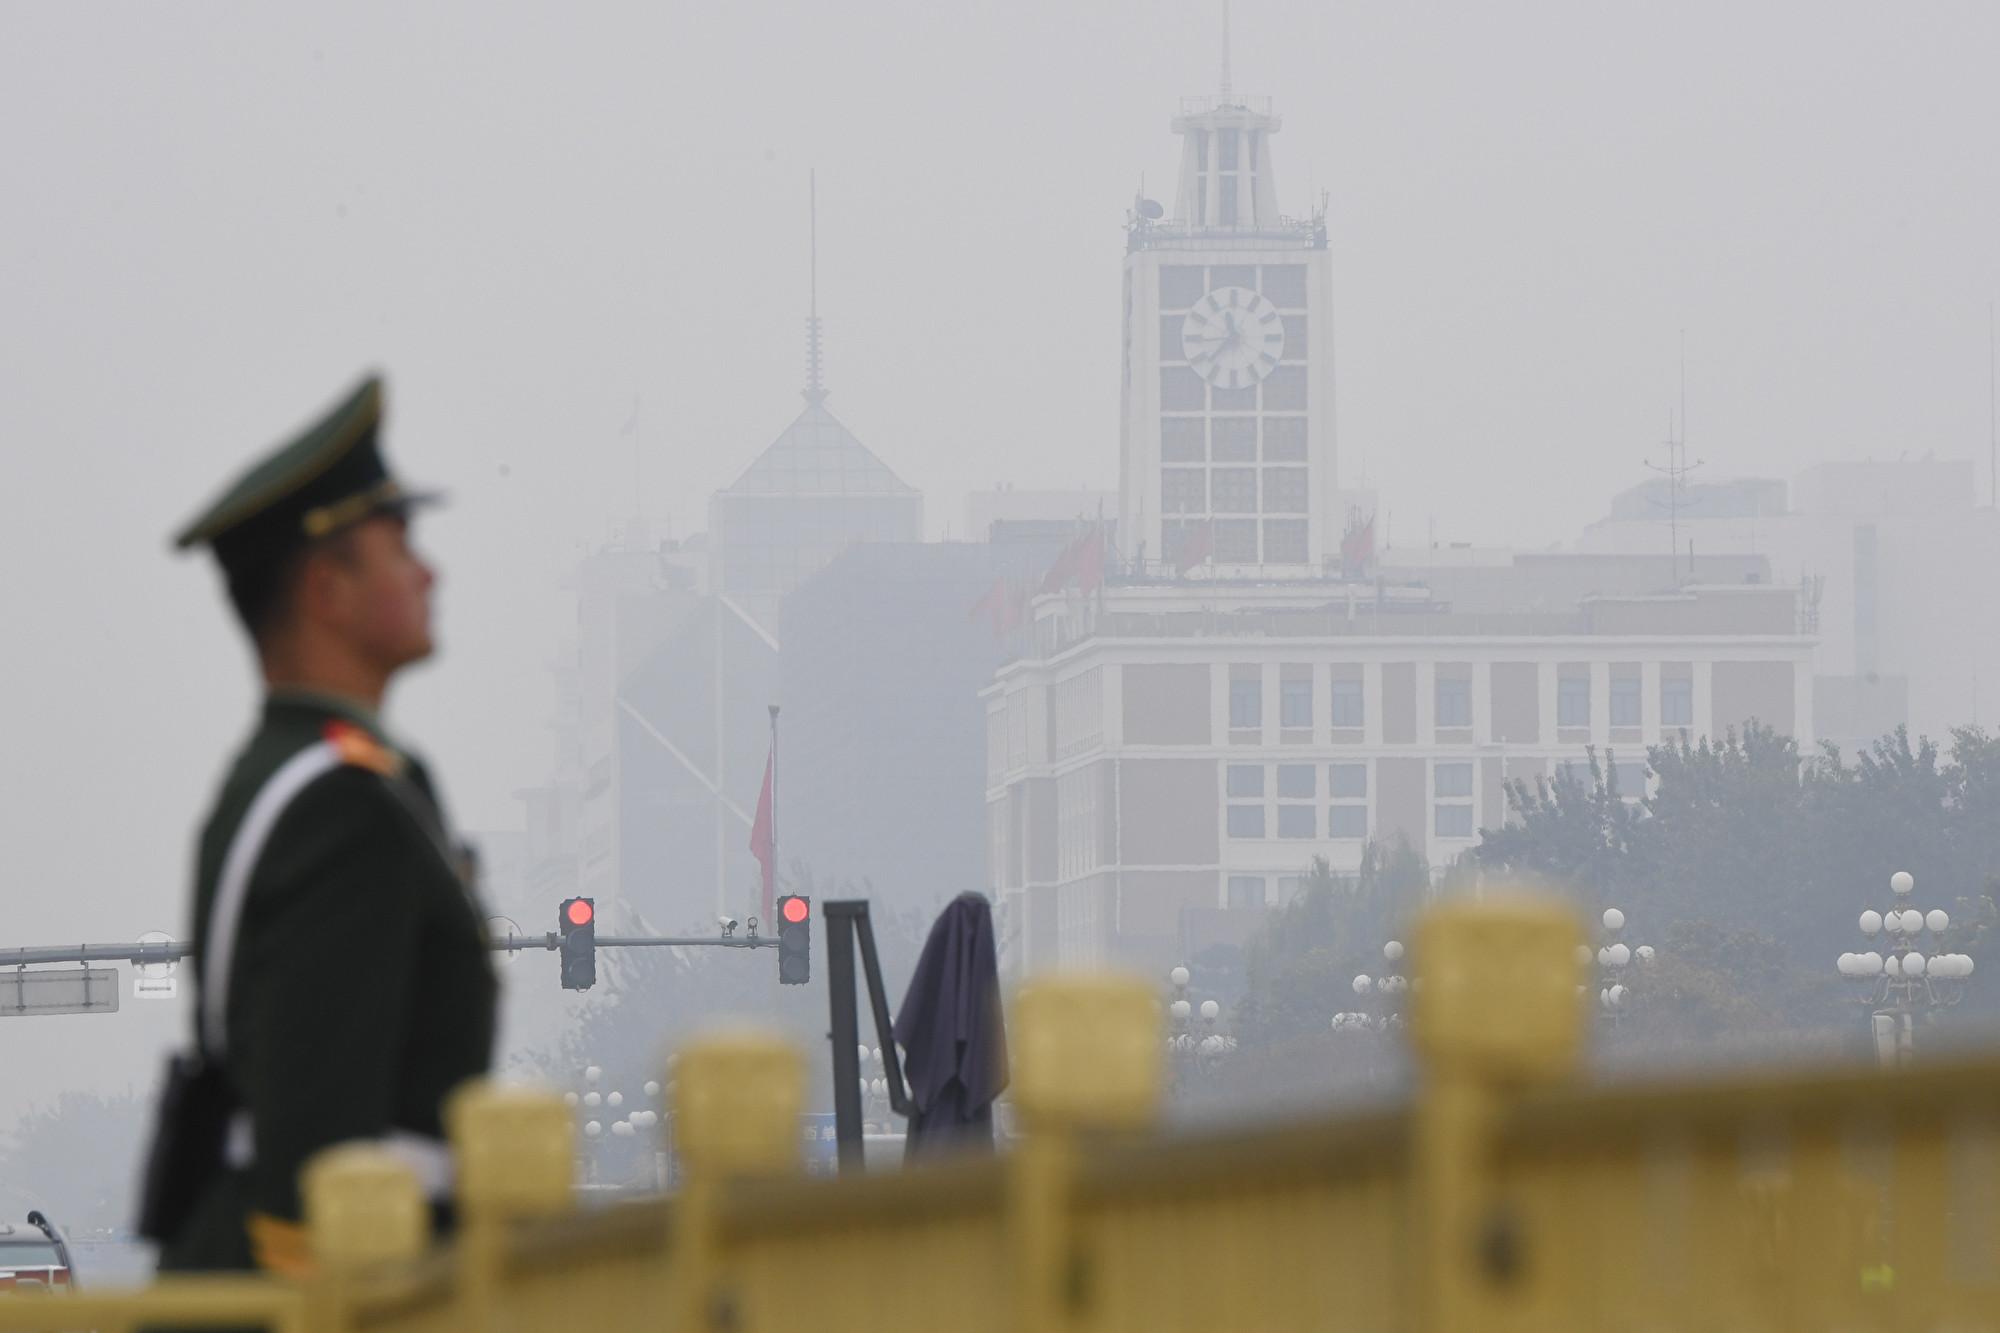 美作家:輸入中國的邪惡思想──共產主義